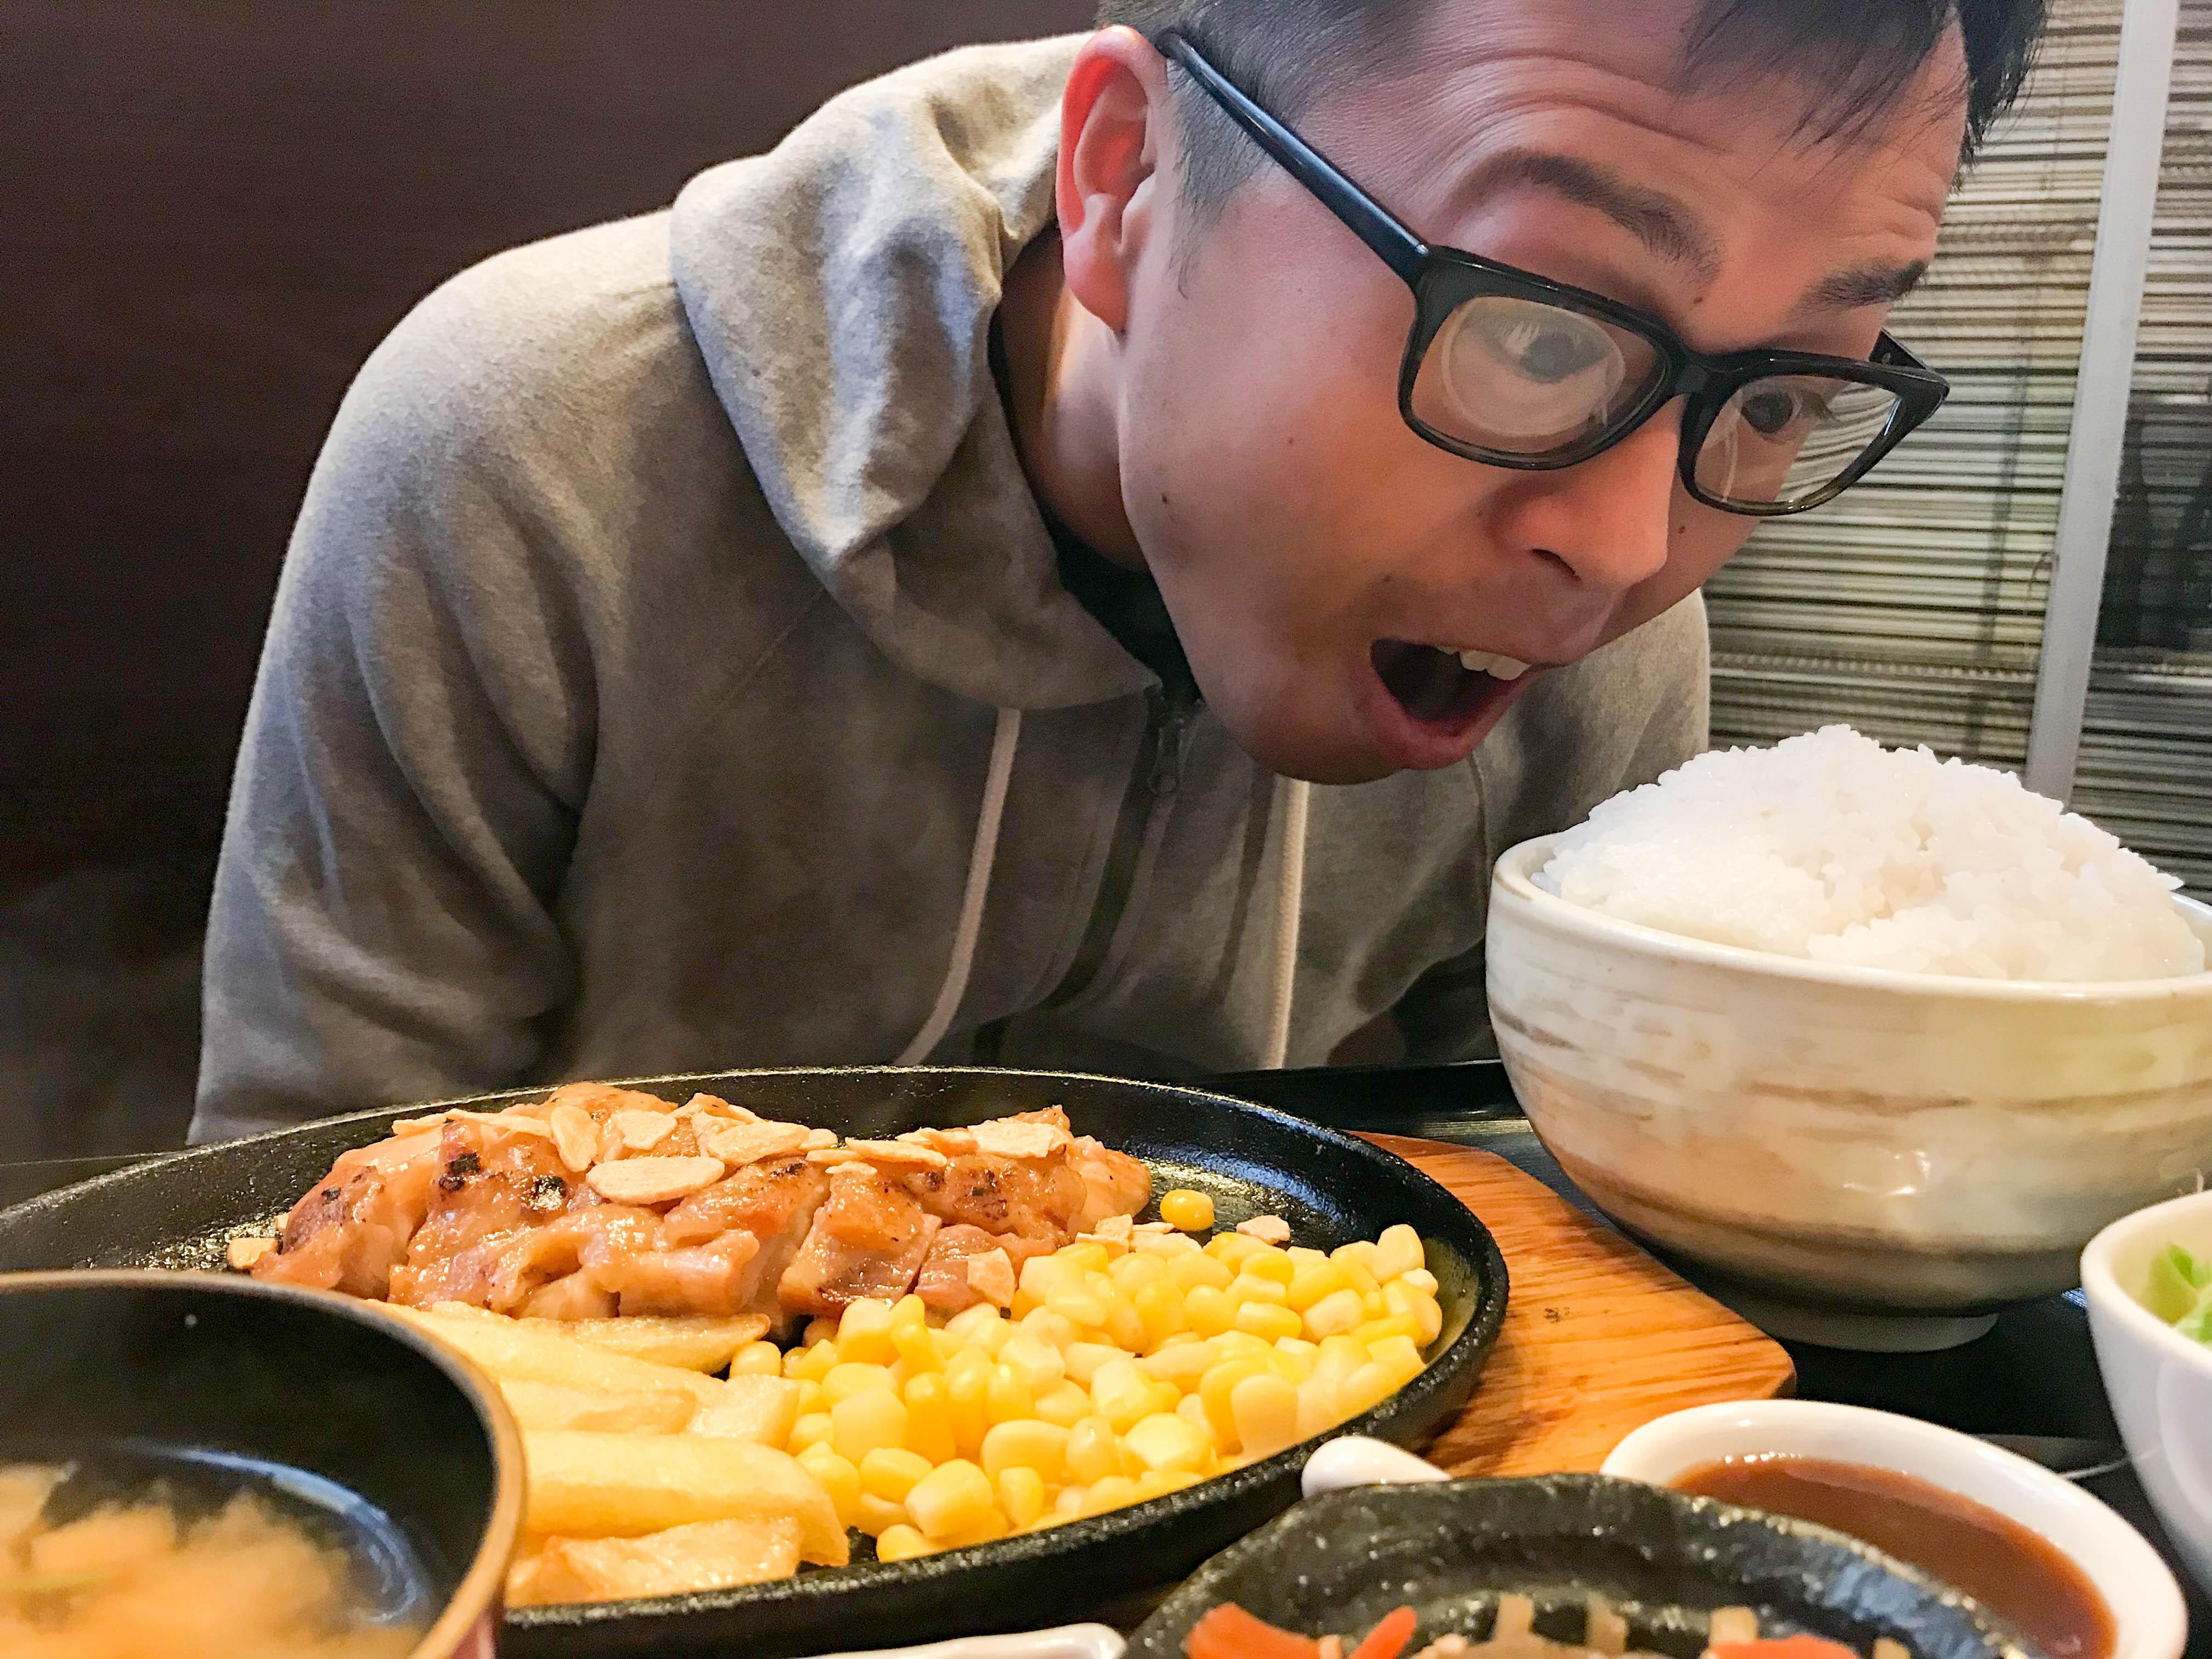 クッキングフォレスト(新潟市中央区姥ヶ山) デカ盛り有名店でチキンステーキ定食とチーズハンバーグカレーを食べてみた。